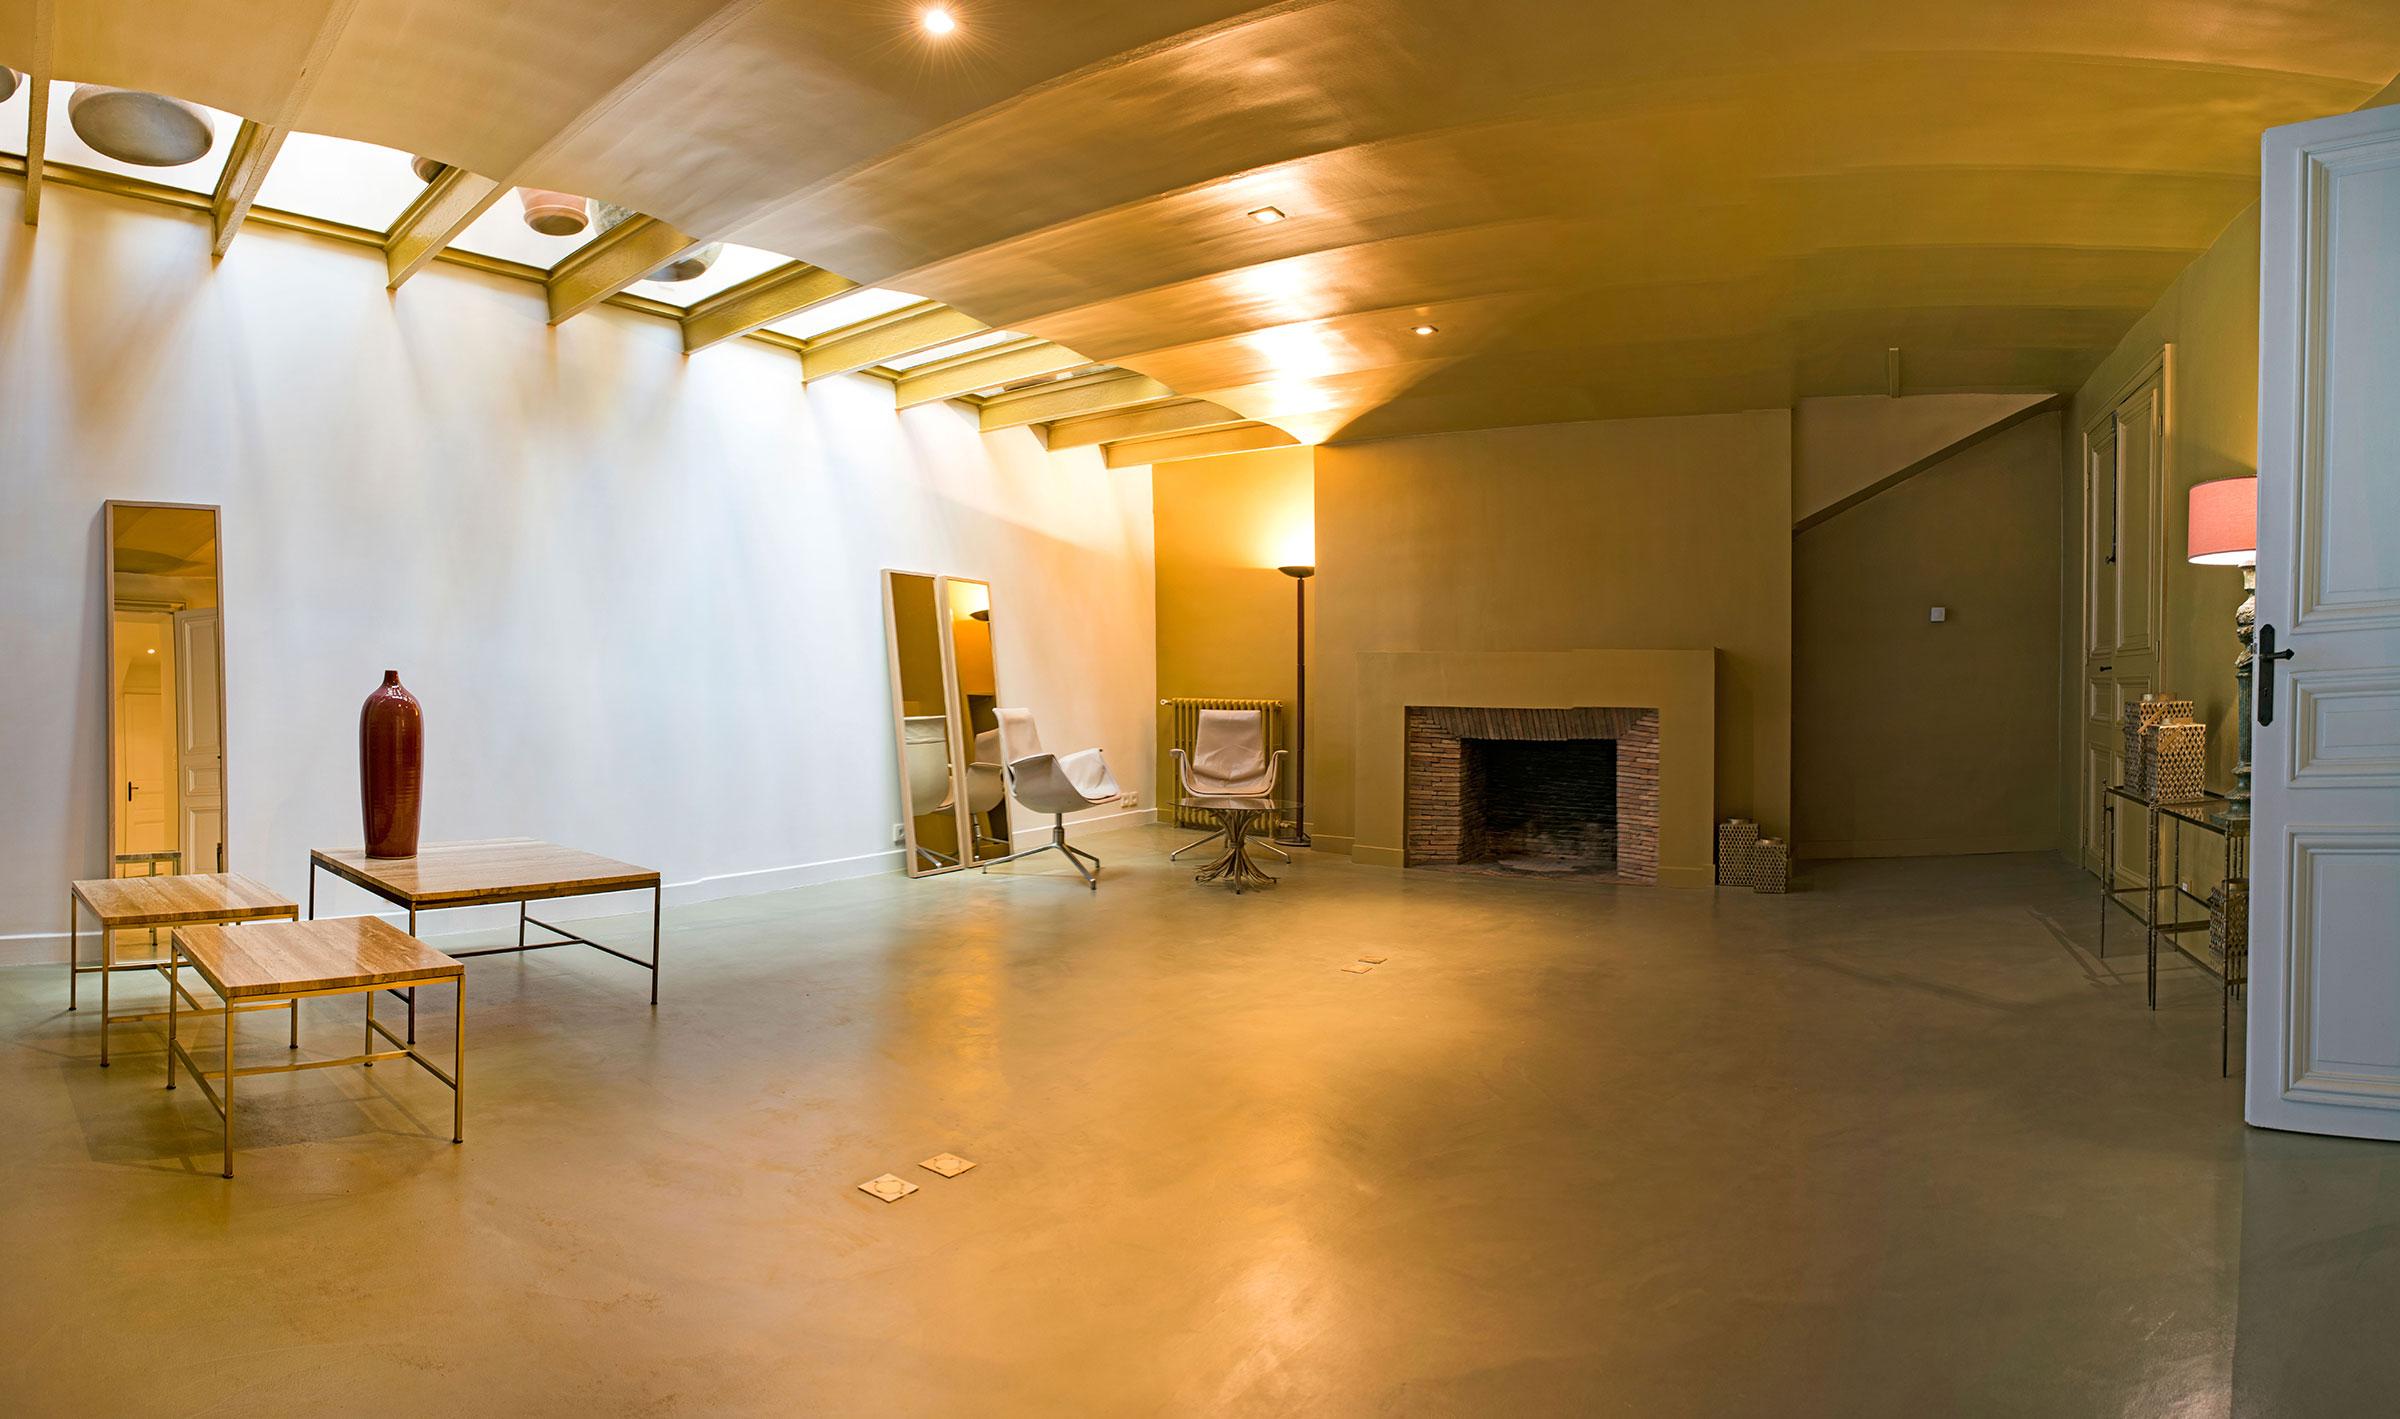 .... Salon cheminée, surface 42m2, vue 1. .. Lounge-fireplace, surface 42sqm, view 1 ....